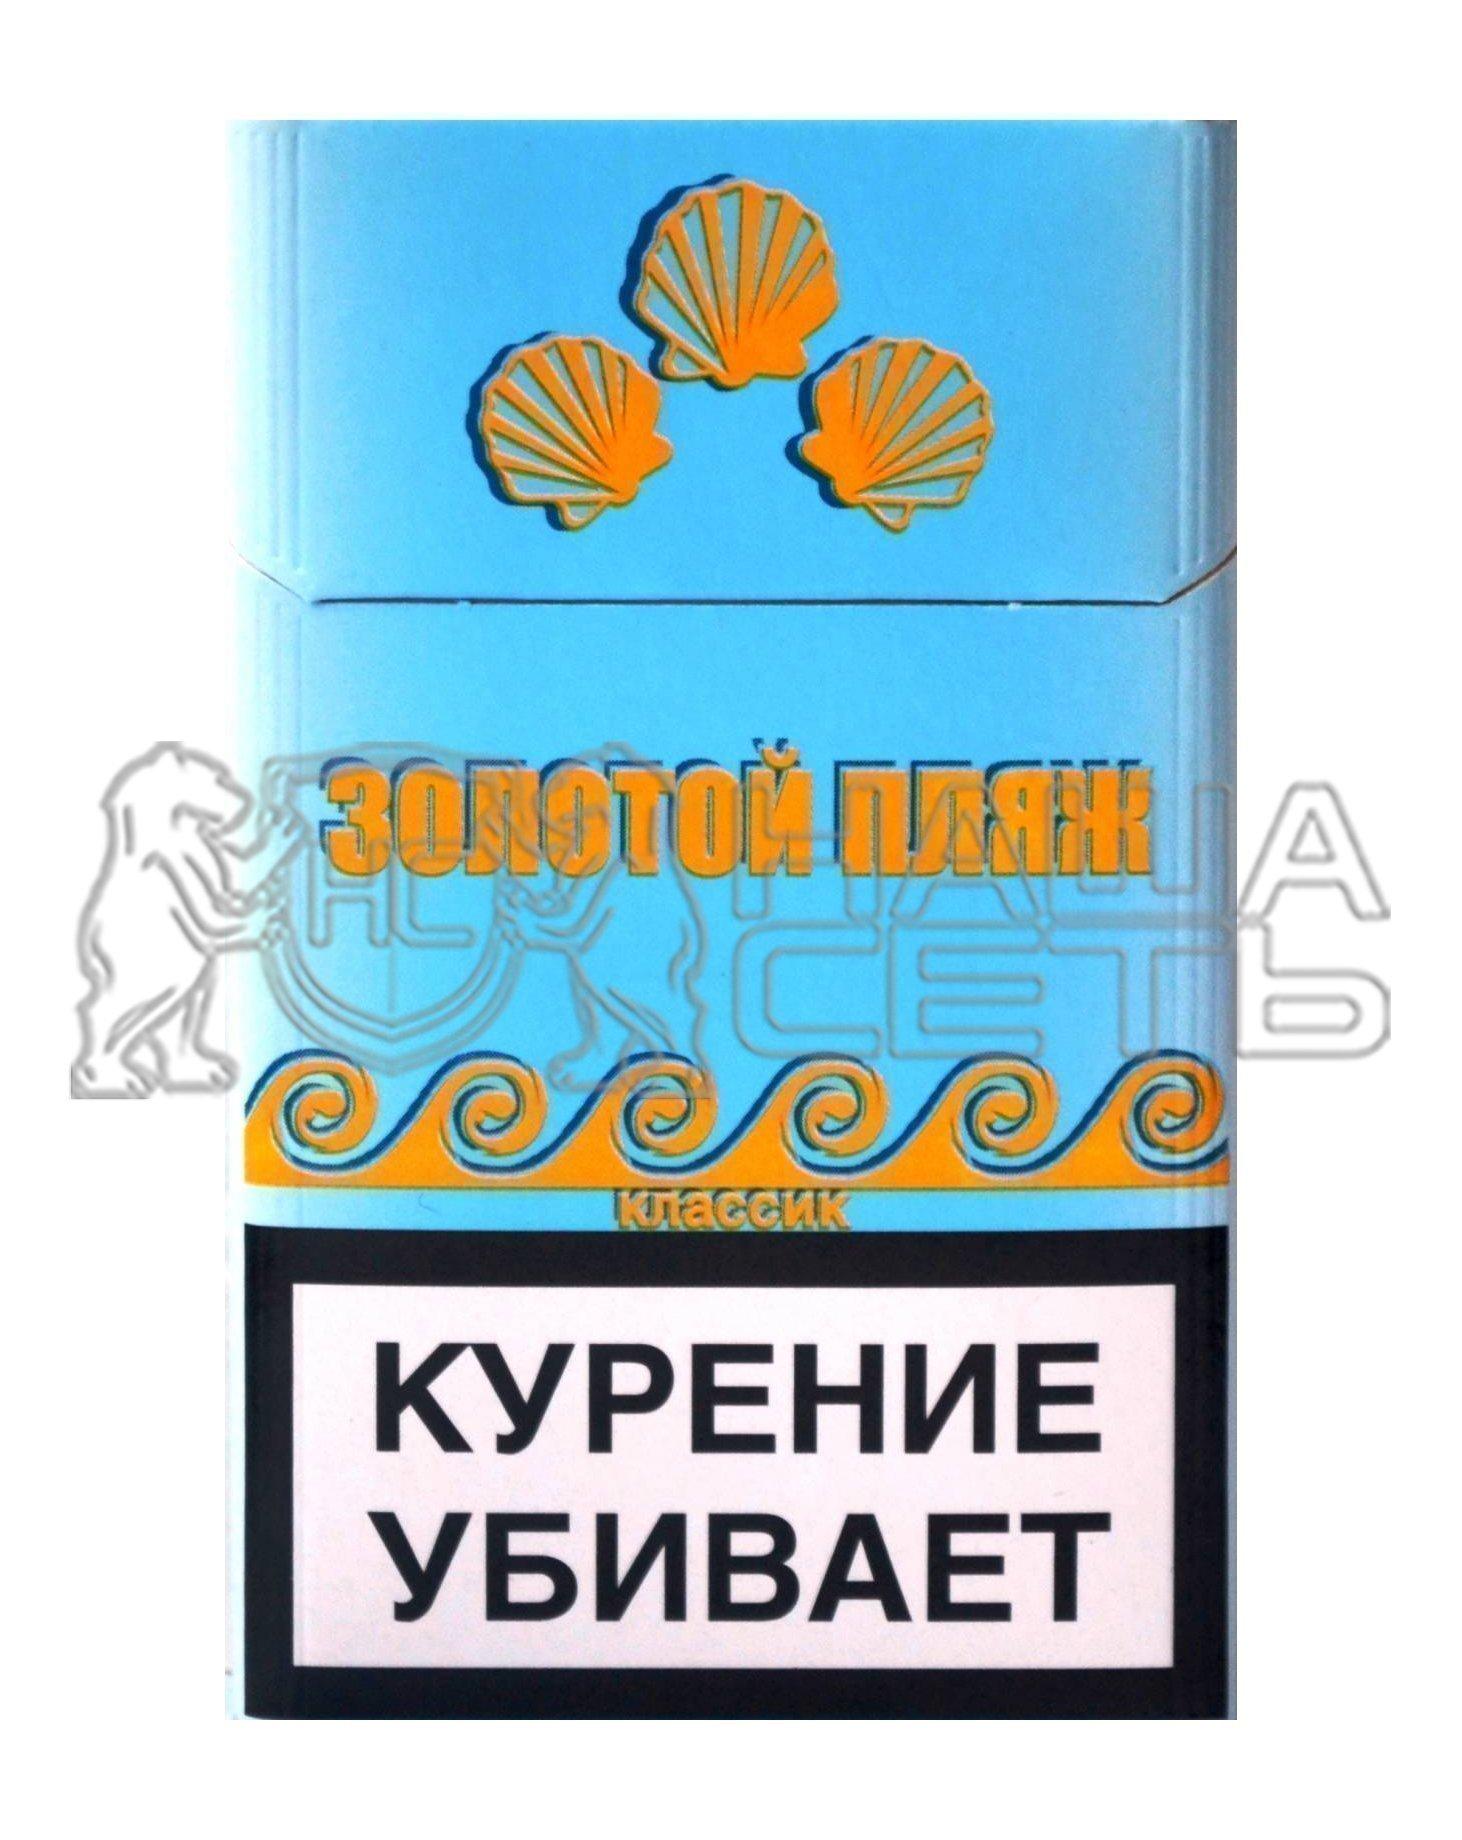 Сигареты ft синяя пачка купить электронные сигареты германия купить